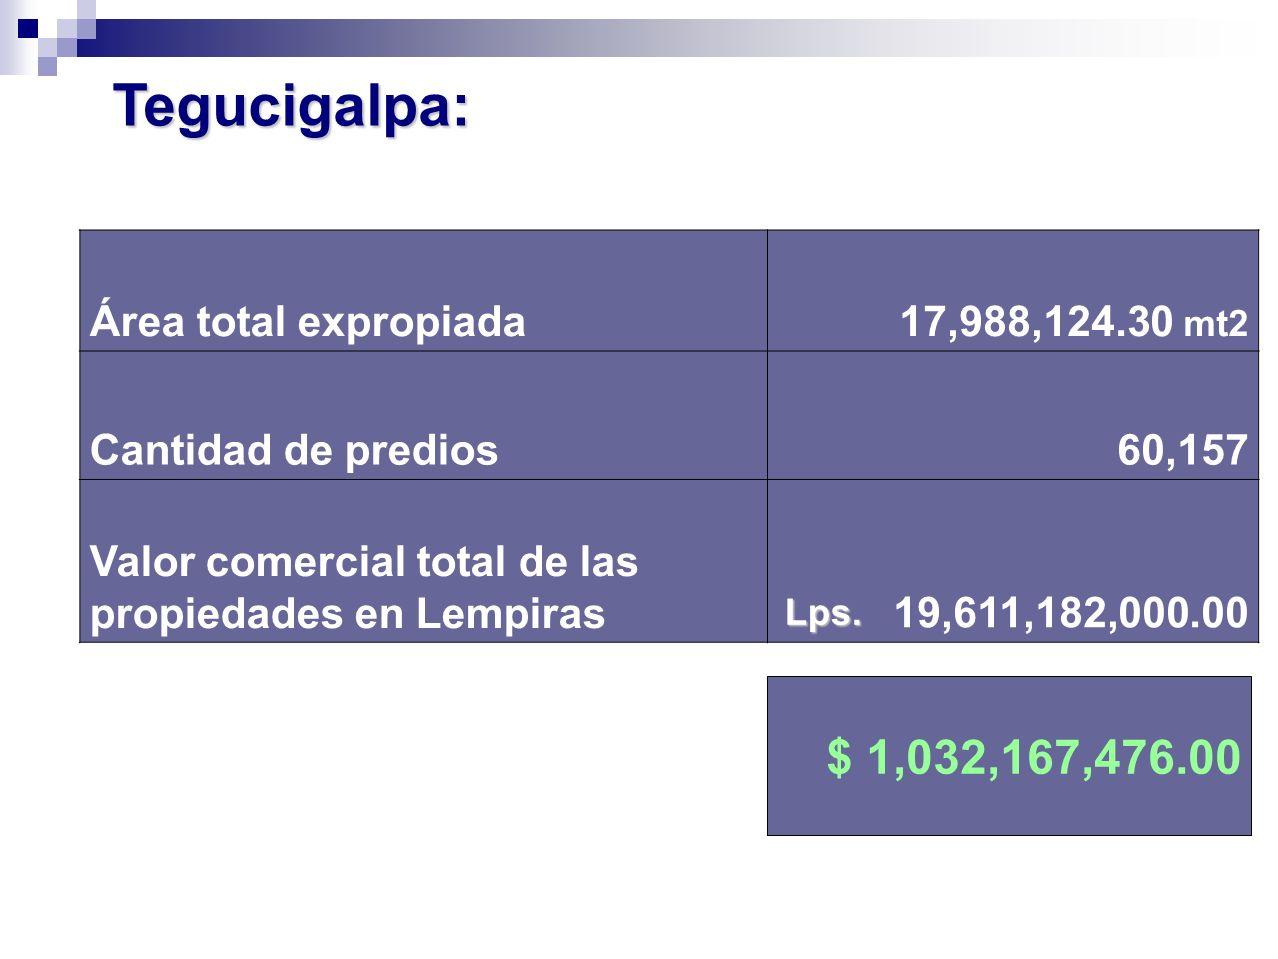 Tegucigalpa: $ 1,032,167,476.00 Área total expropiada